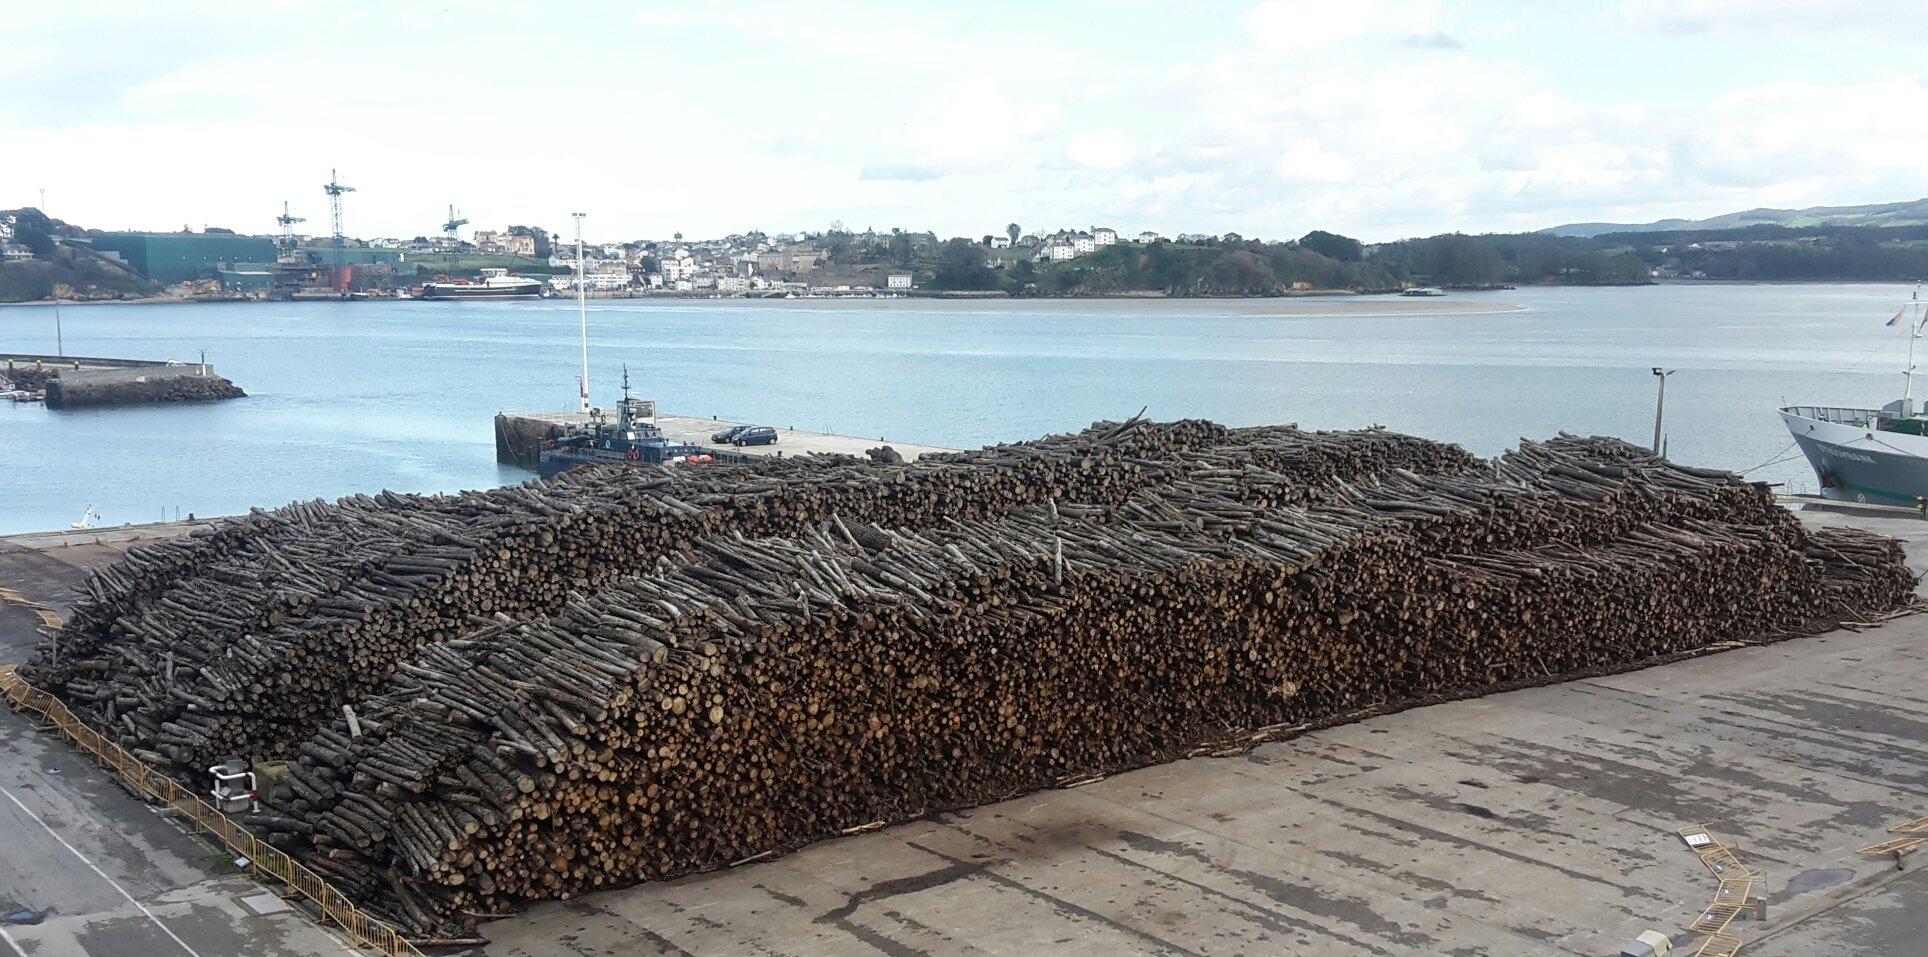 Ribadeo pide a Portos de Galicia que se retire la madera amontonada en el Puerto de Mirasol